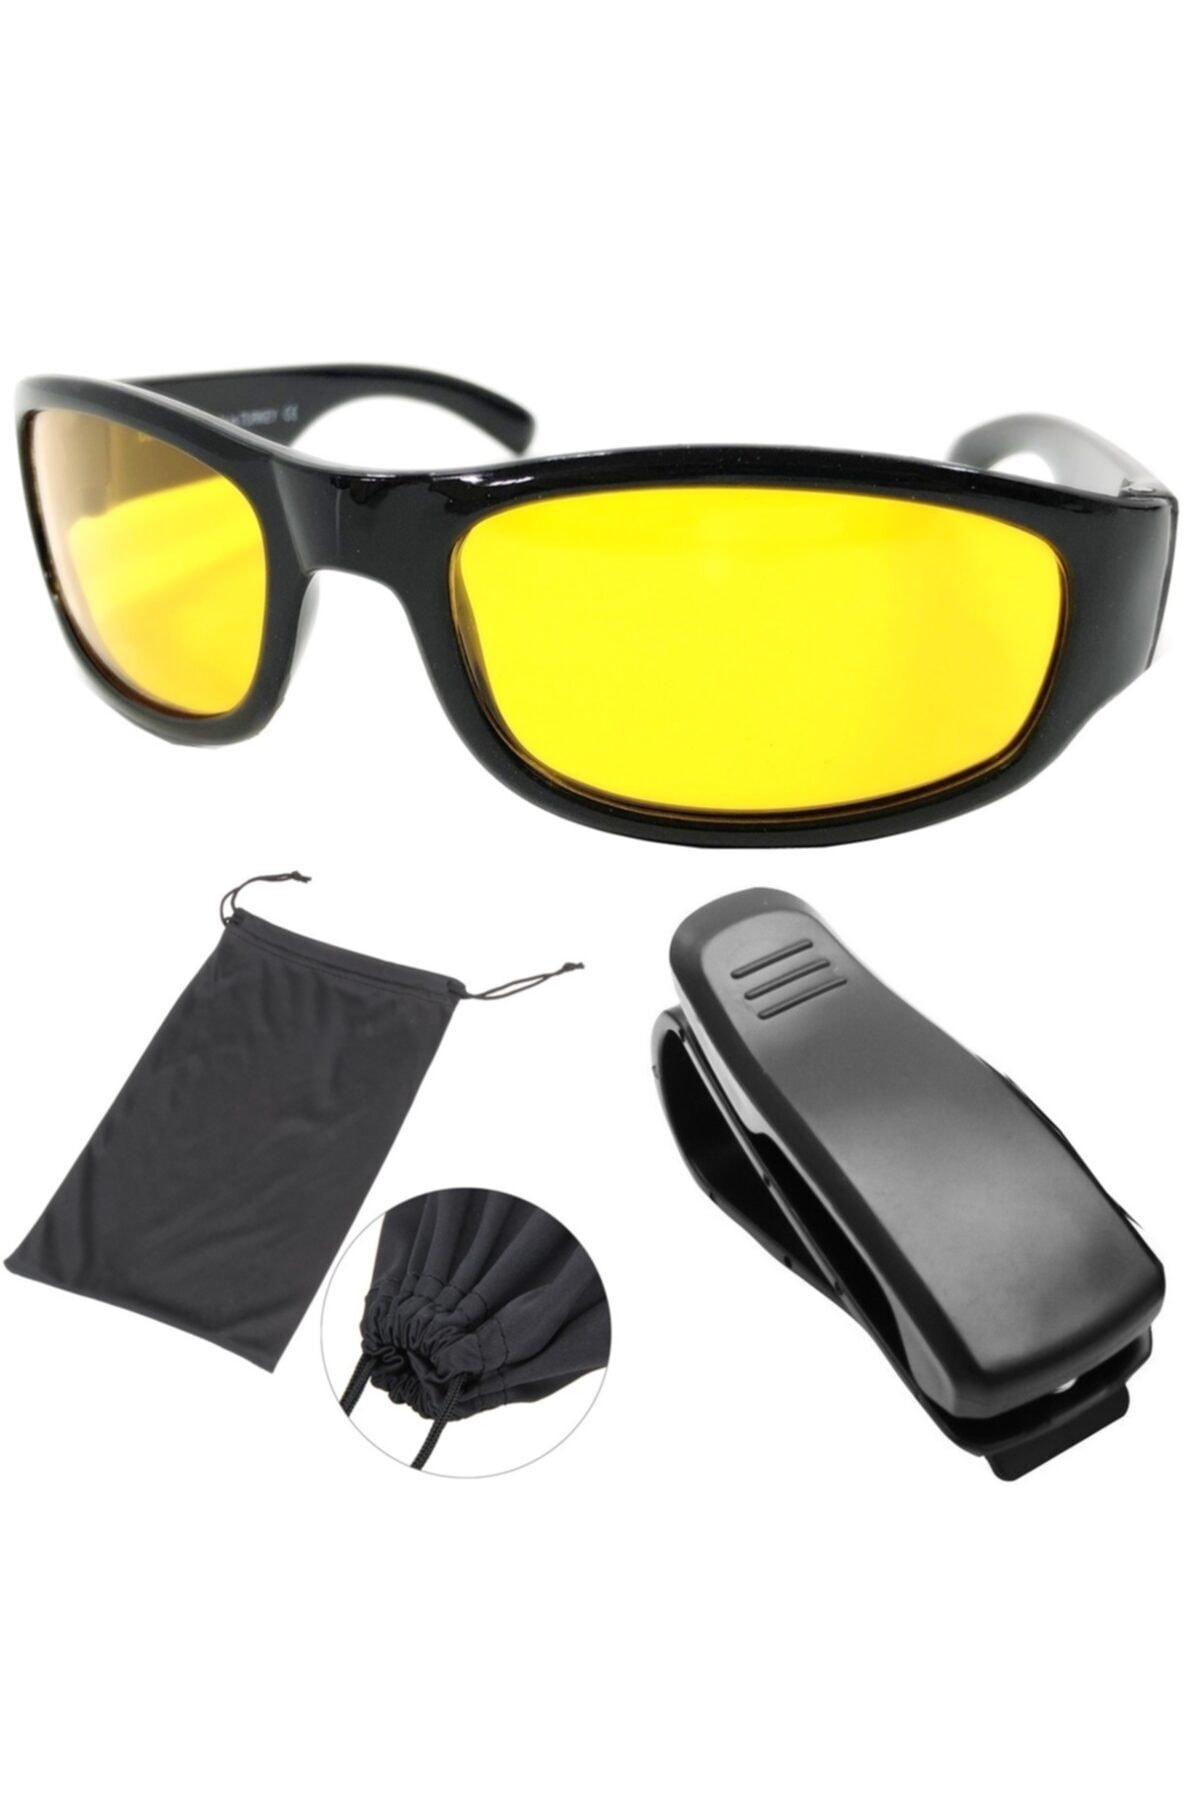 ModaCar Gece Sürüş ve Sis Gözlüğü + Gözlük Tutucu Hediyeli 422253 1